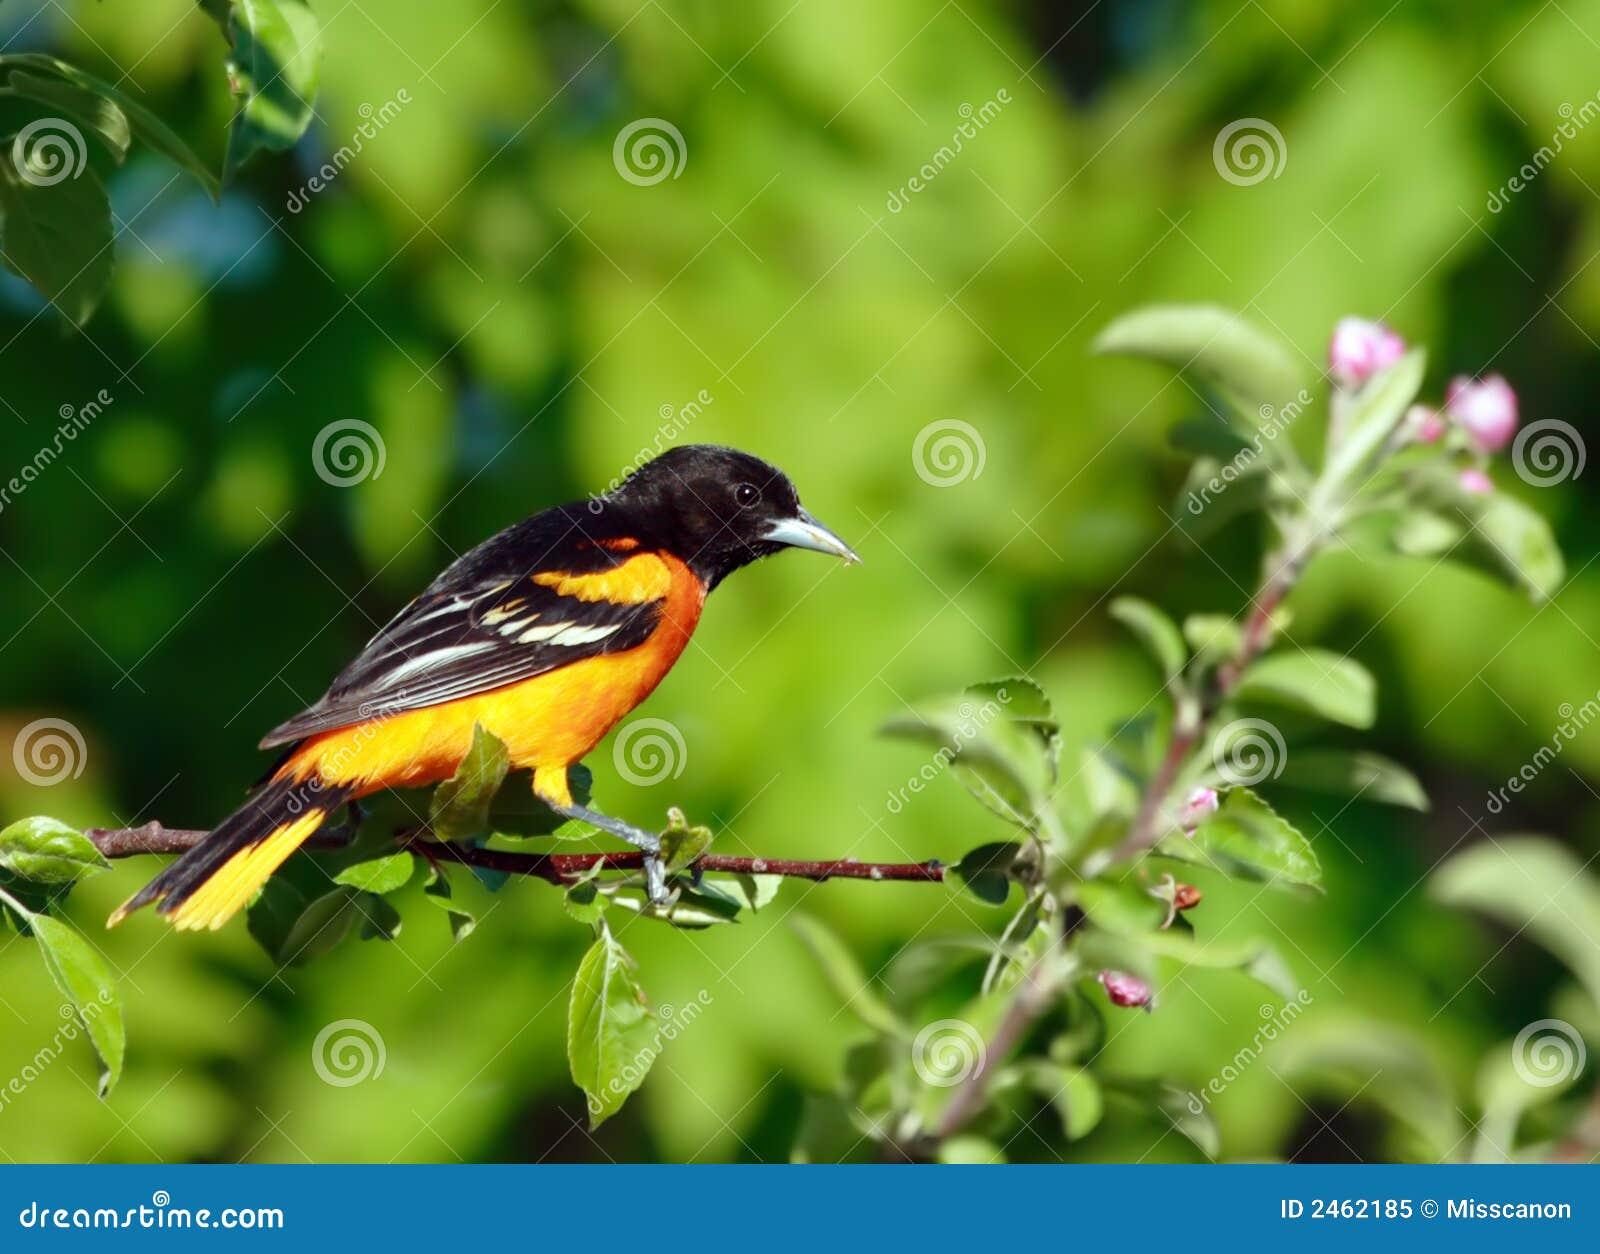 Baltimore Oriole bird